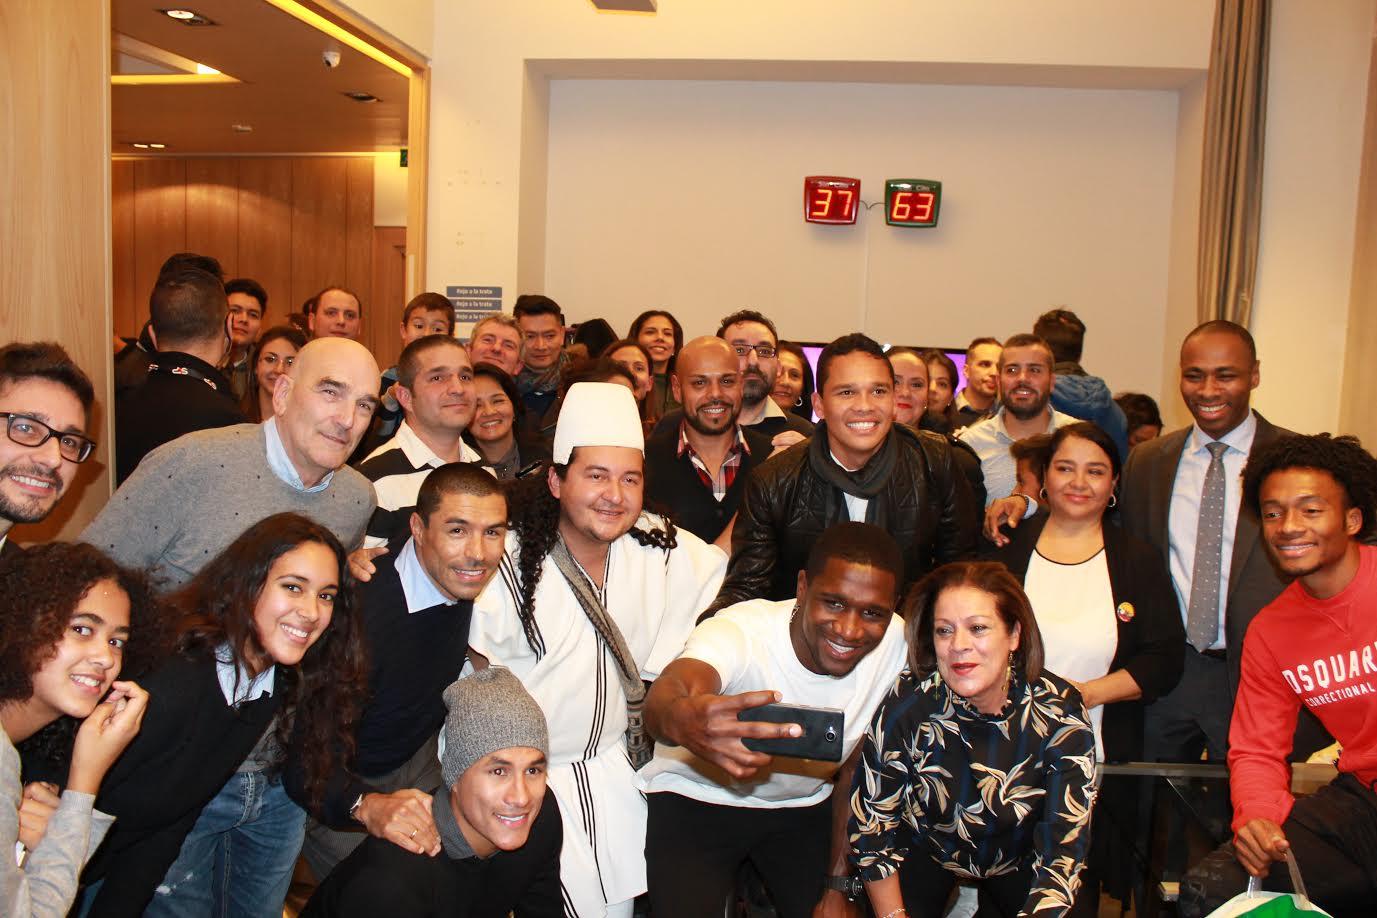 jugadores-de-la-seleccion-colombia-celebran-uno-noche-navidena-en-el-consulado-de-milan3